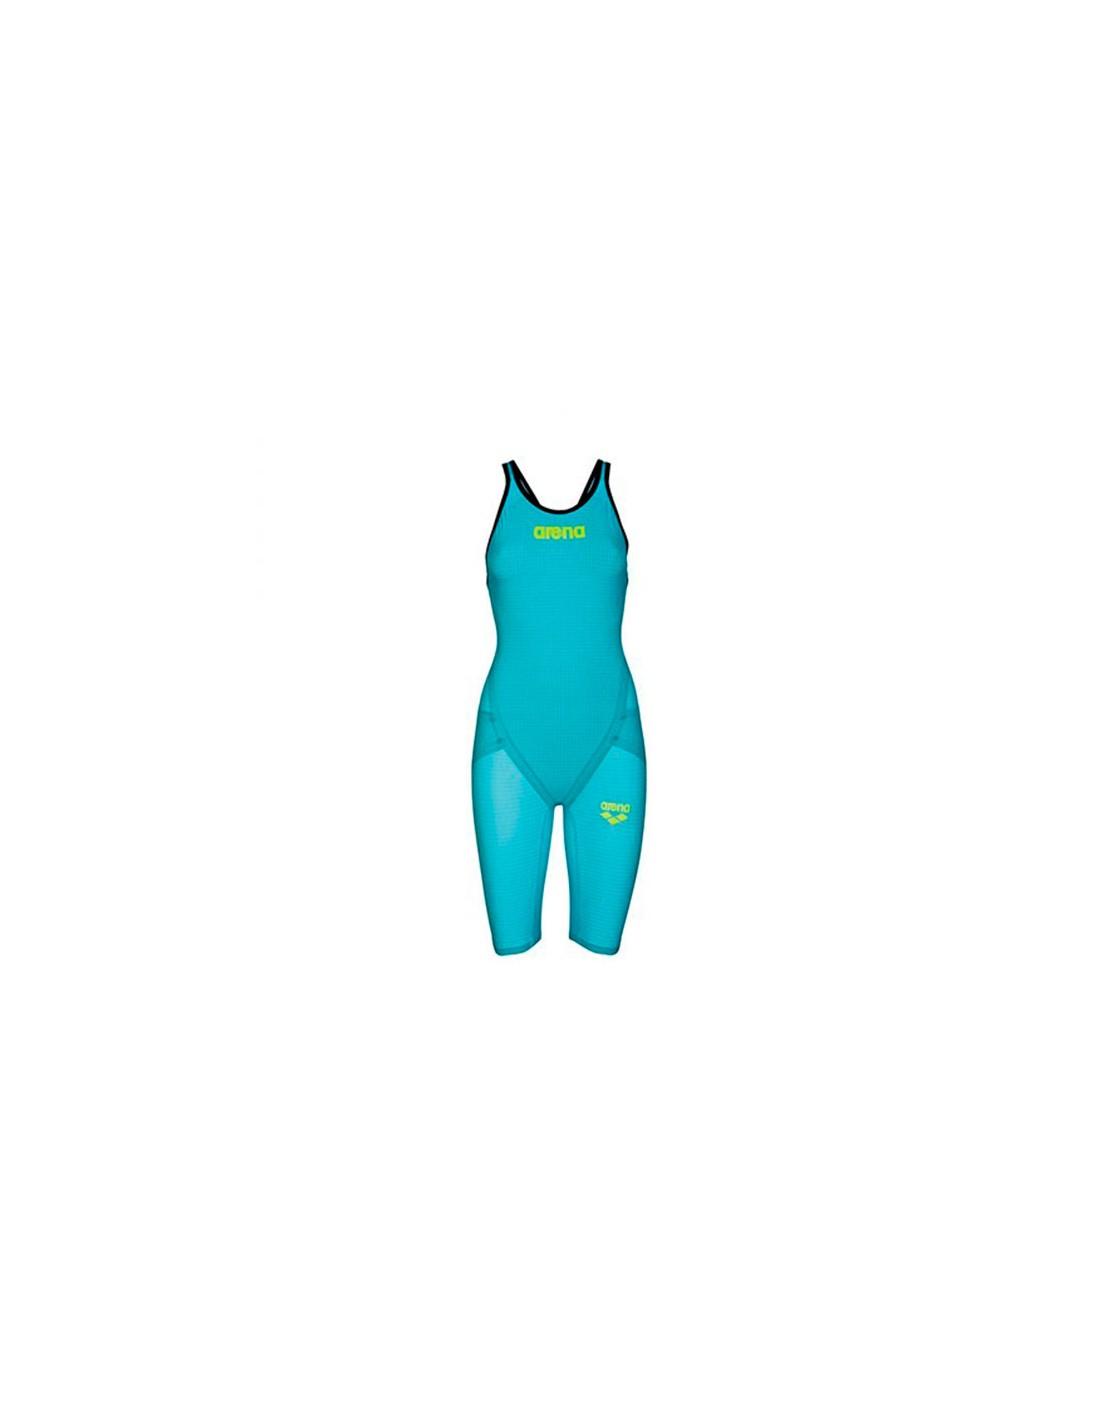 c25a32ee5 ... Arena Bañador Competición Powerskin Carbon Flex VX Mujer. Precio  rebajado. Previous